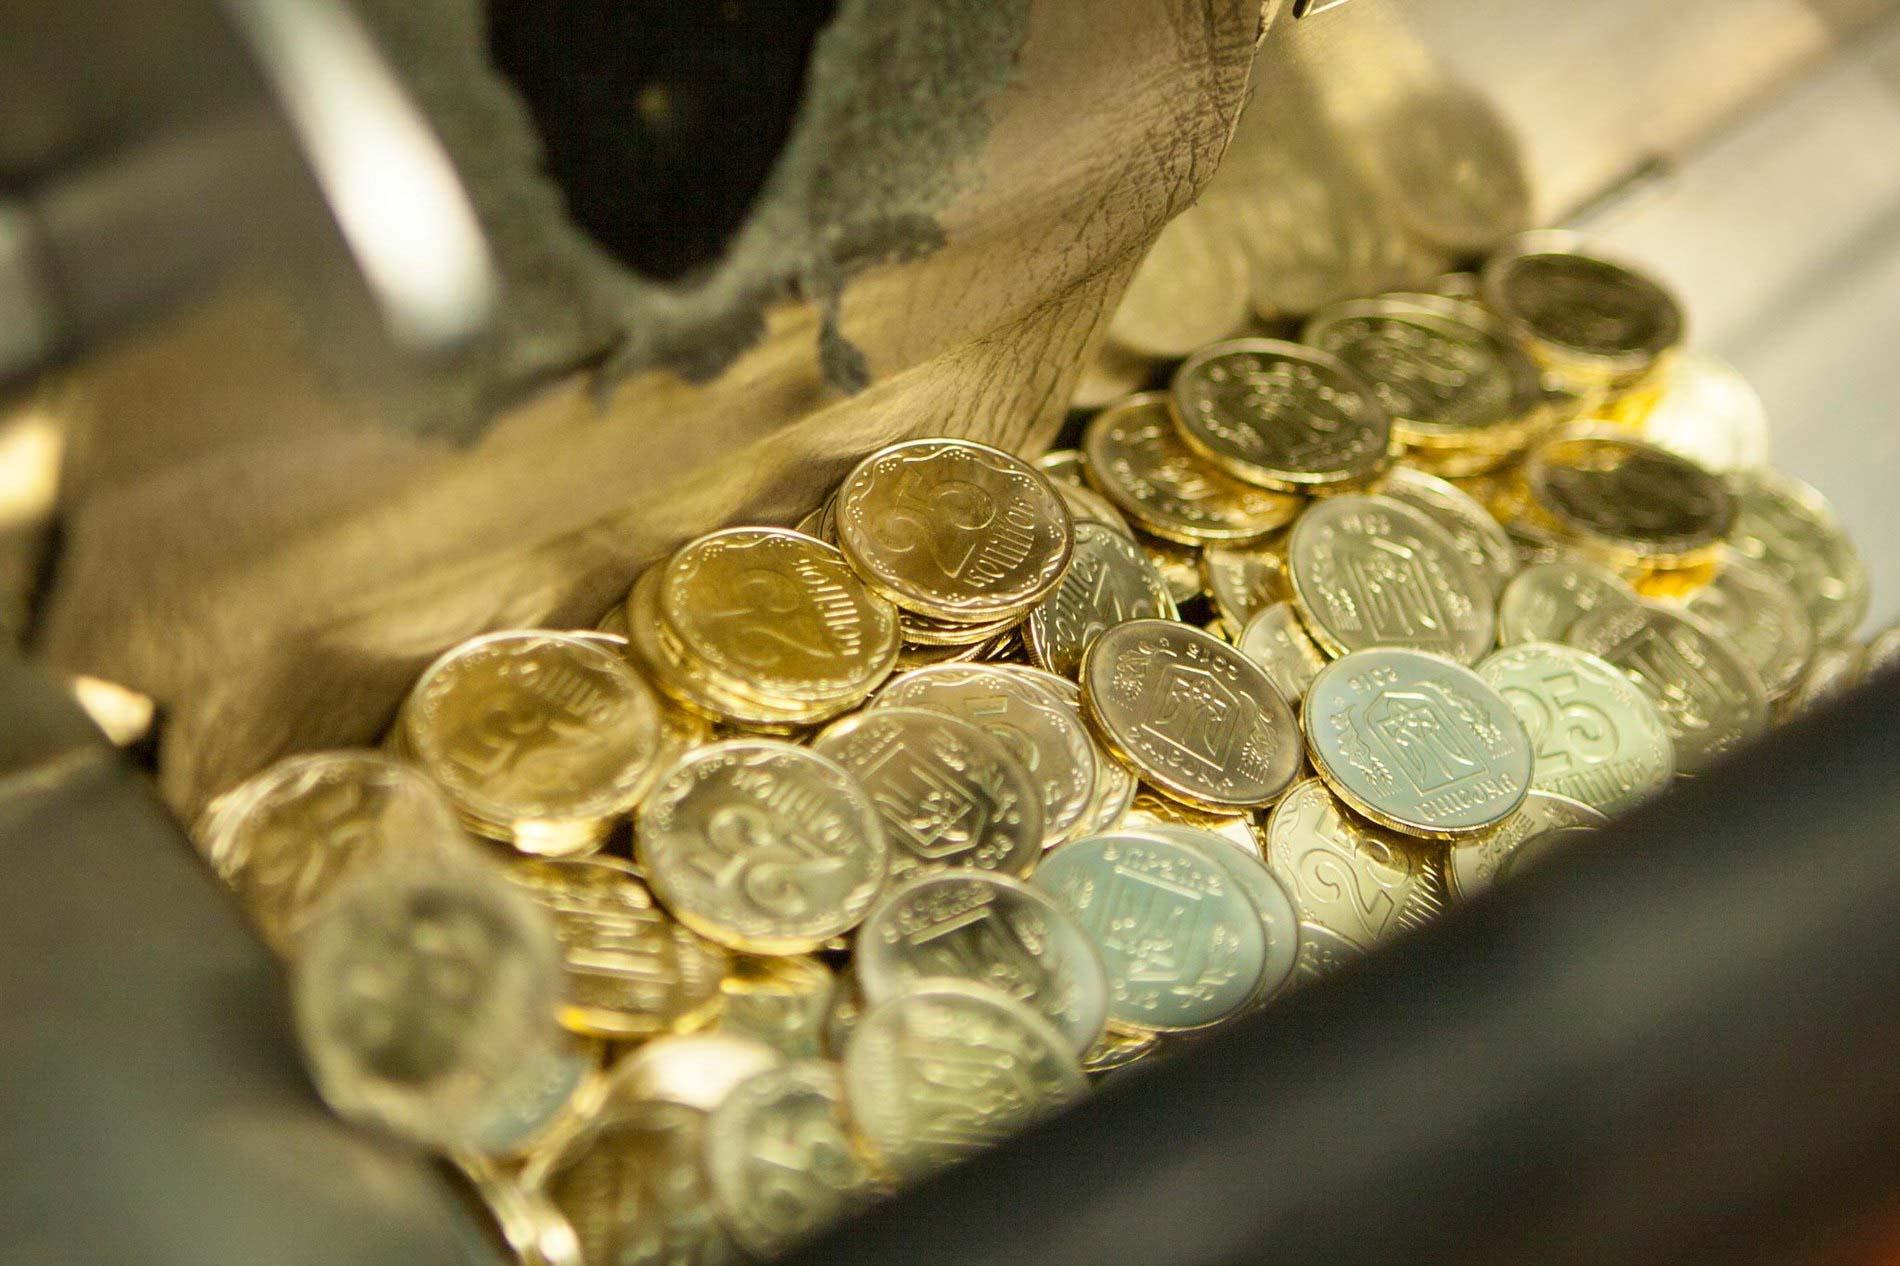 В Україні поступово виводитимуть з обігу монети 25 копійок